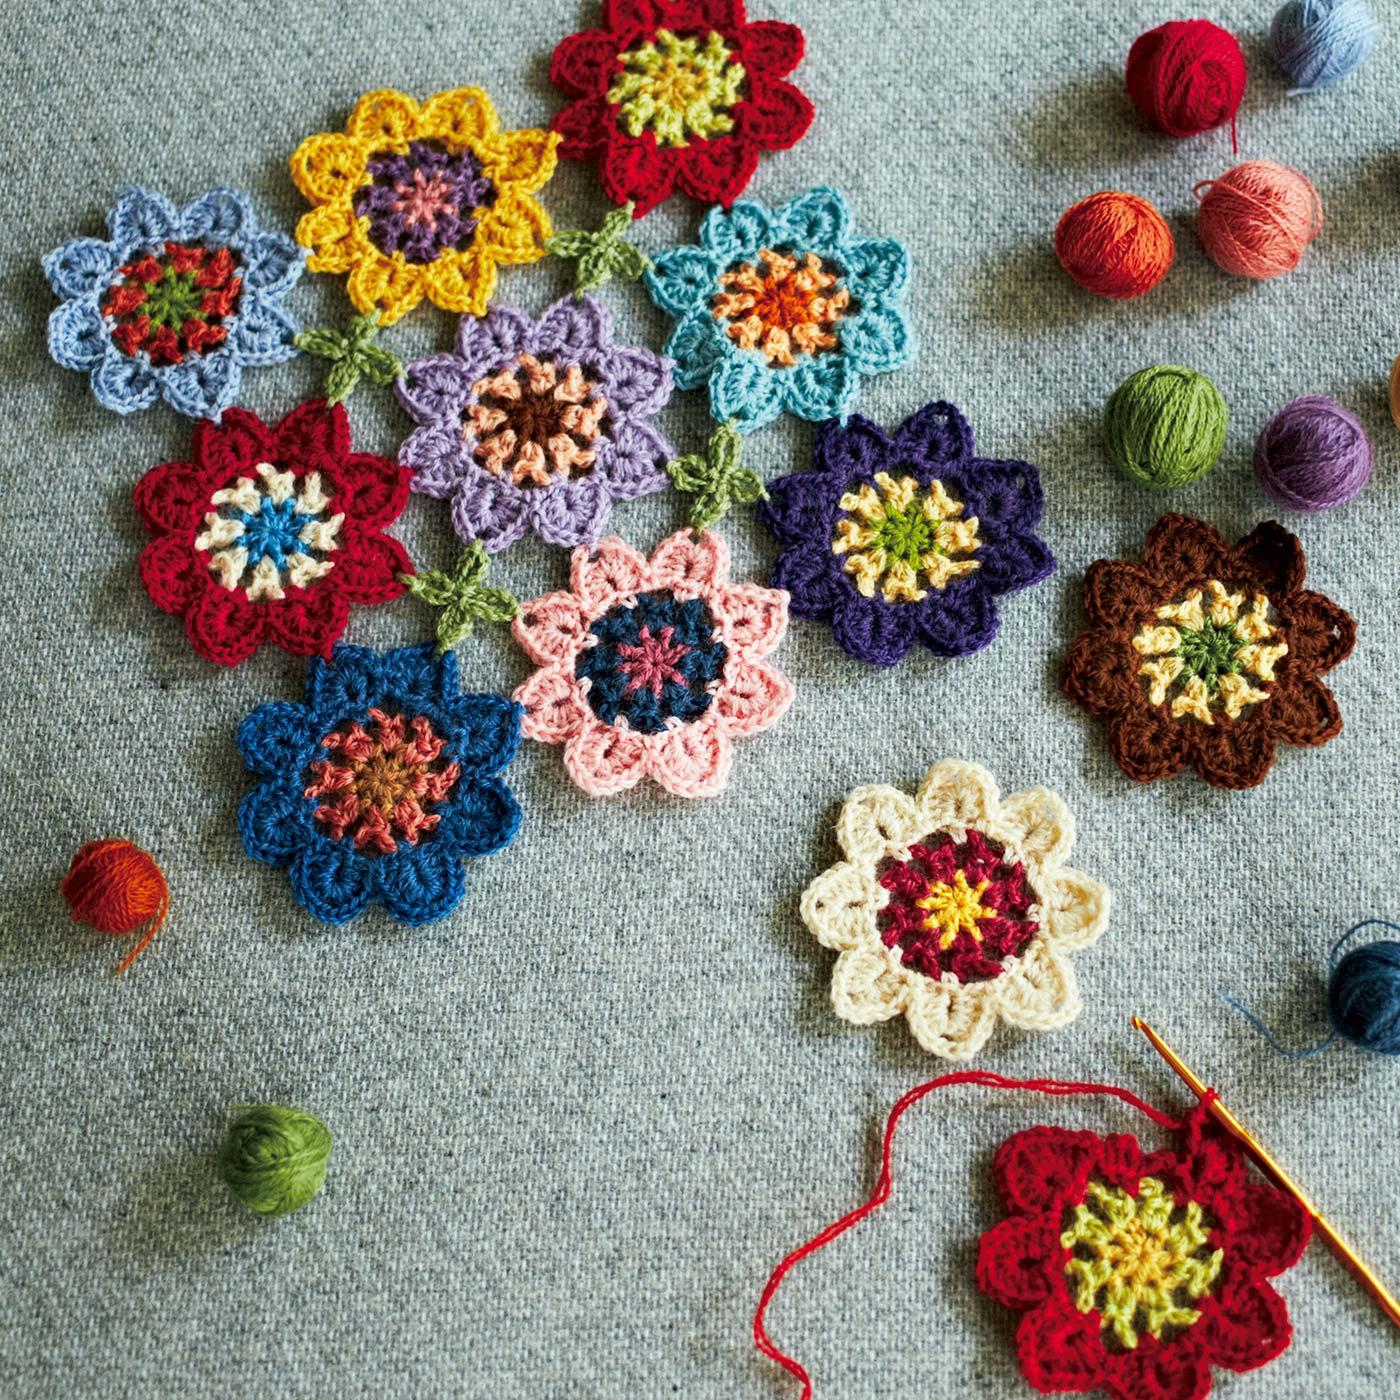 小さなモチーフを作って編みつなげたり。